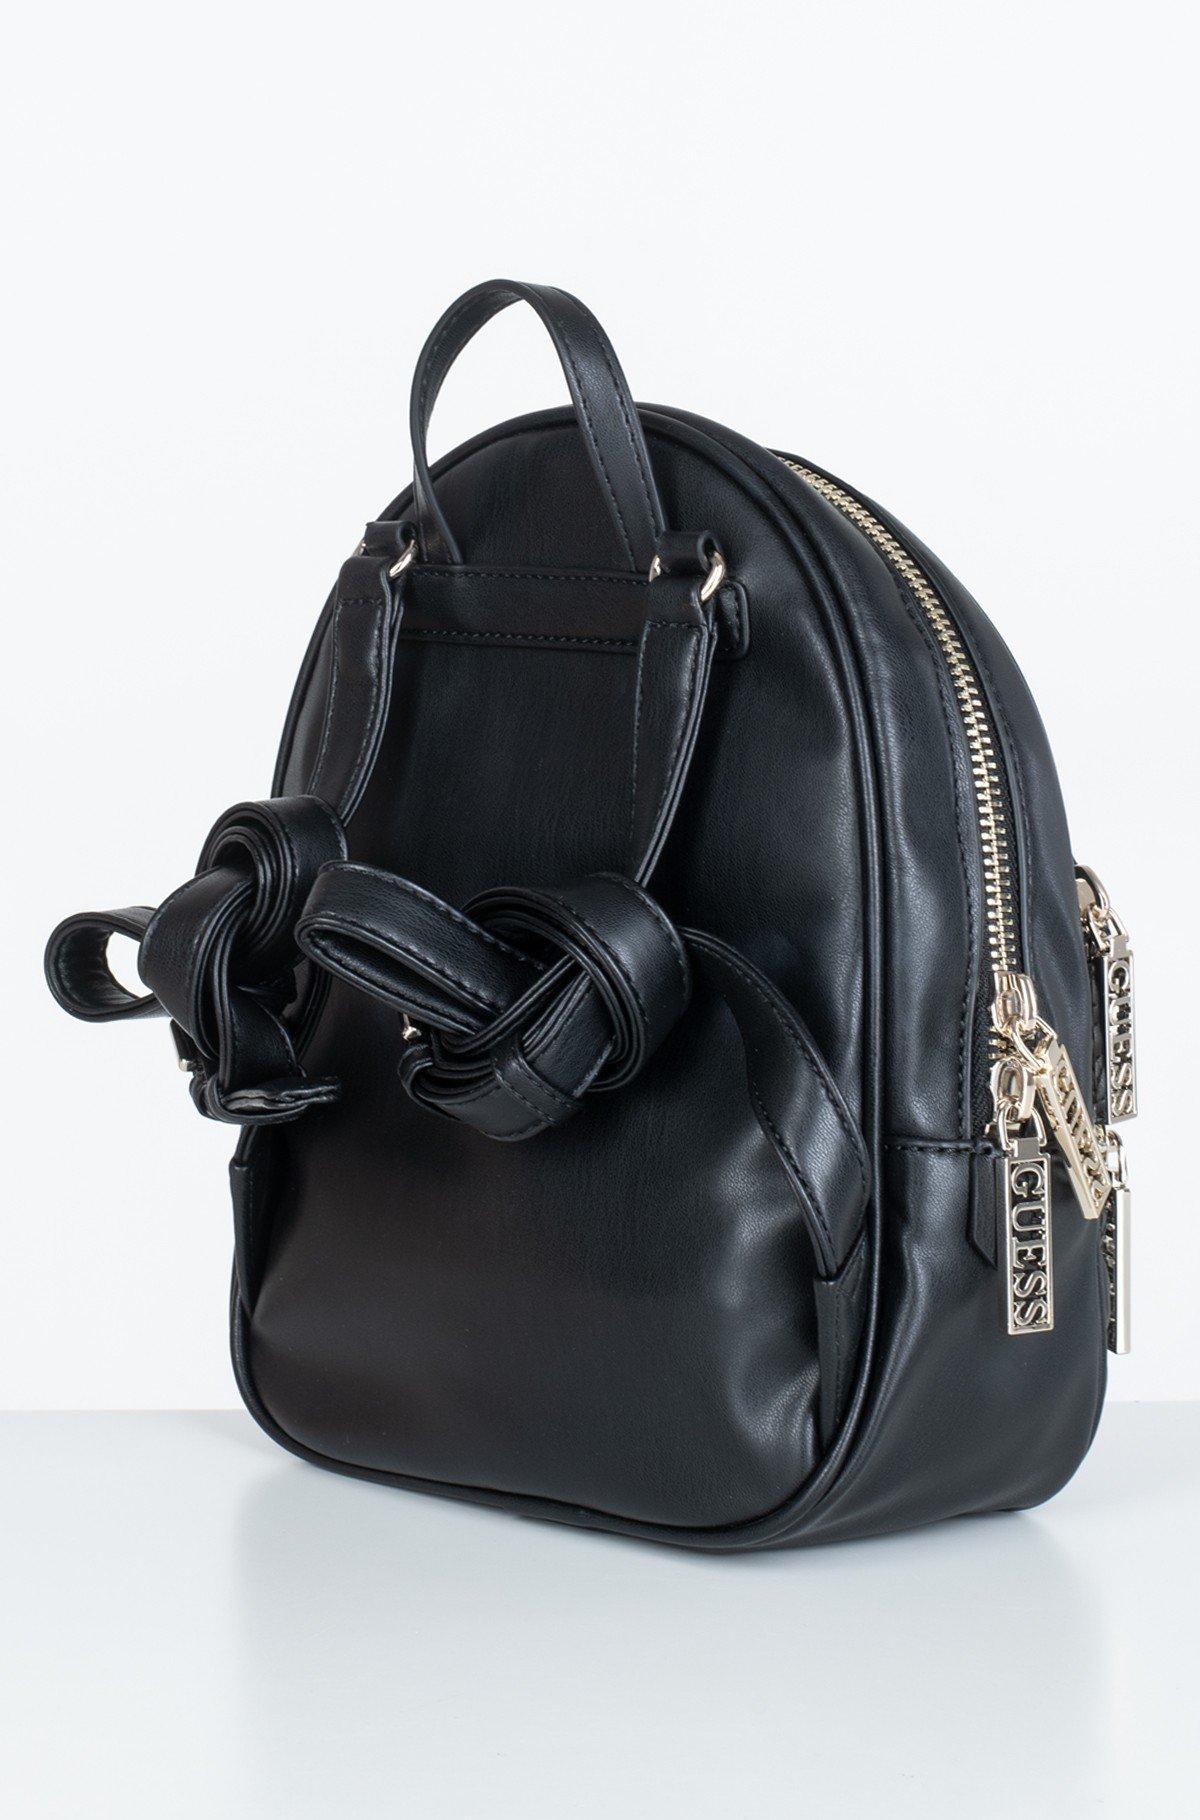 Backbag HWQG69 94310-full-2